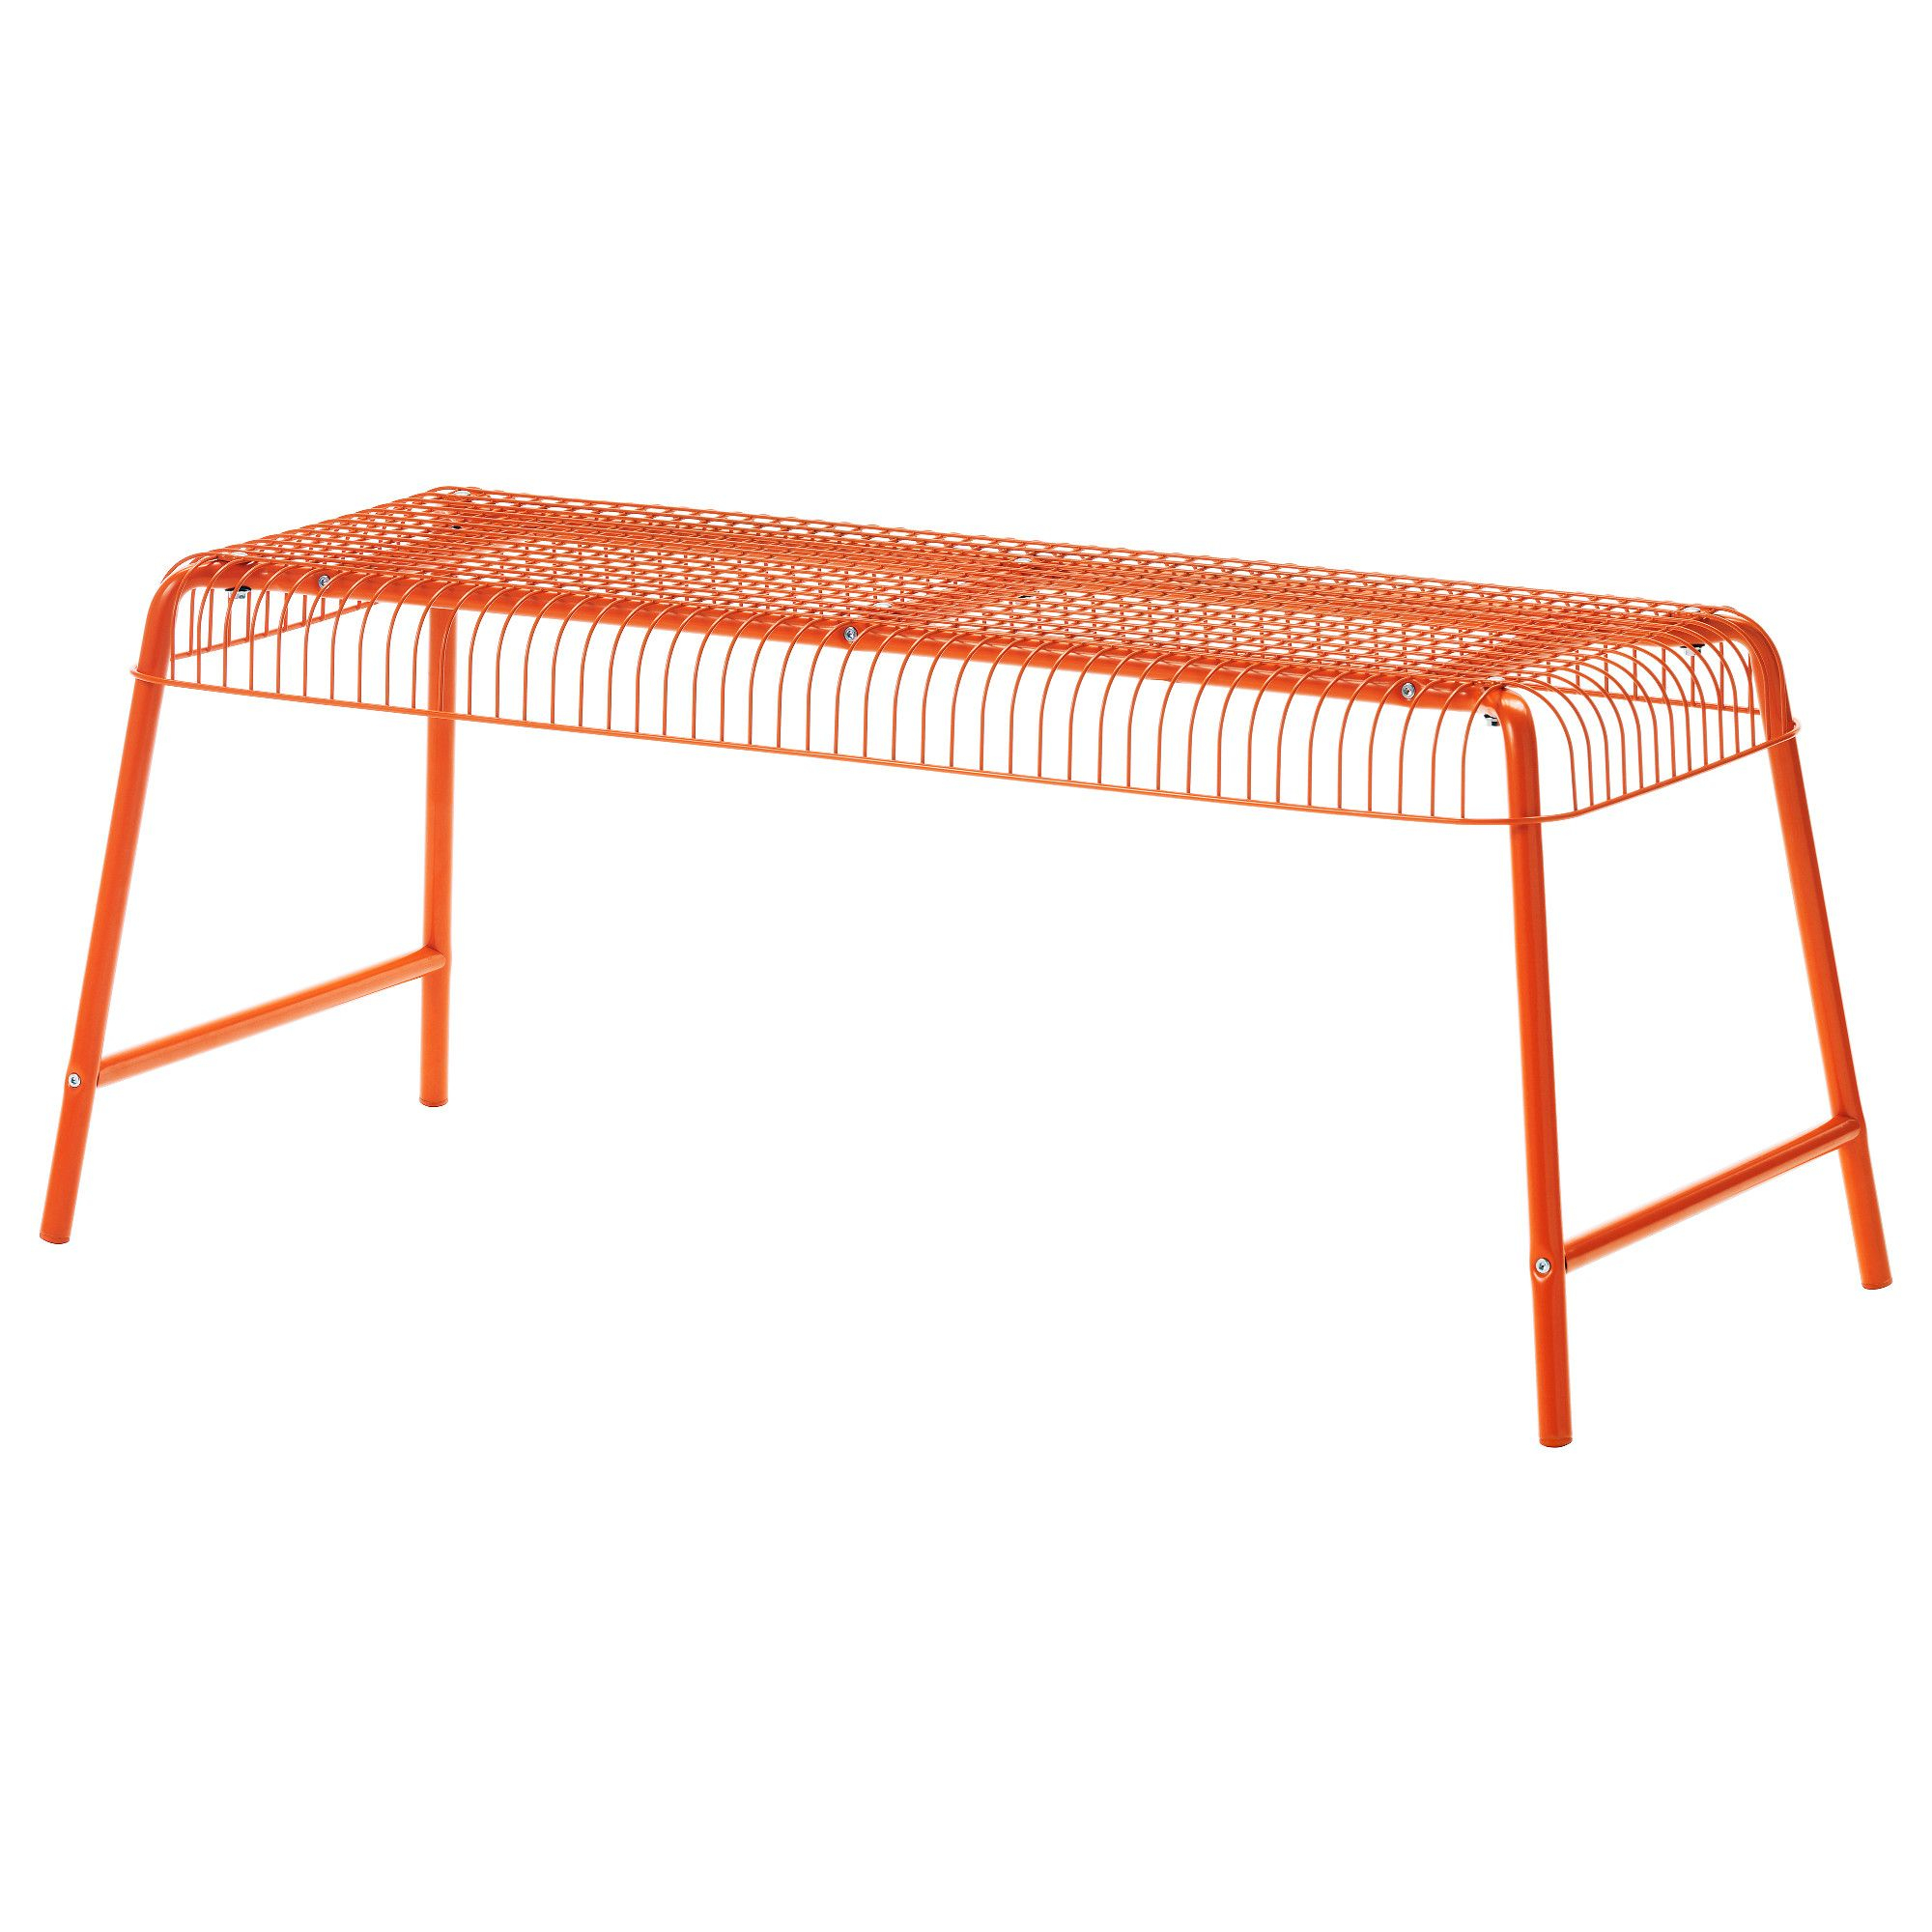 Mobilier Et Décoration - Intérieur Et Extérieur   Ikea Patio ... dedans Banc De Jardin Ikea